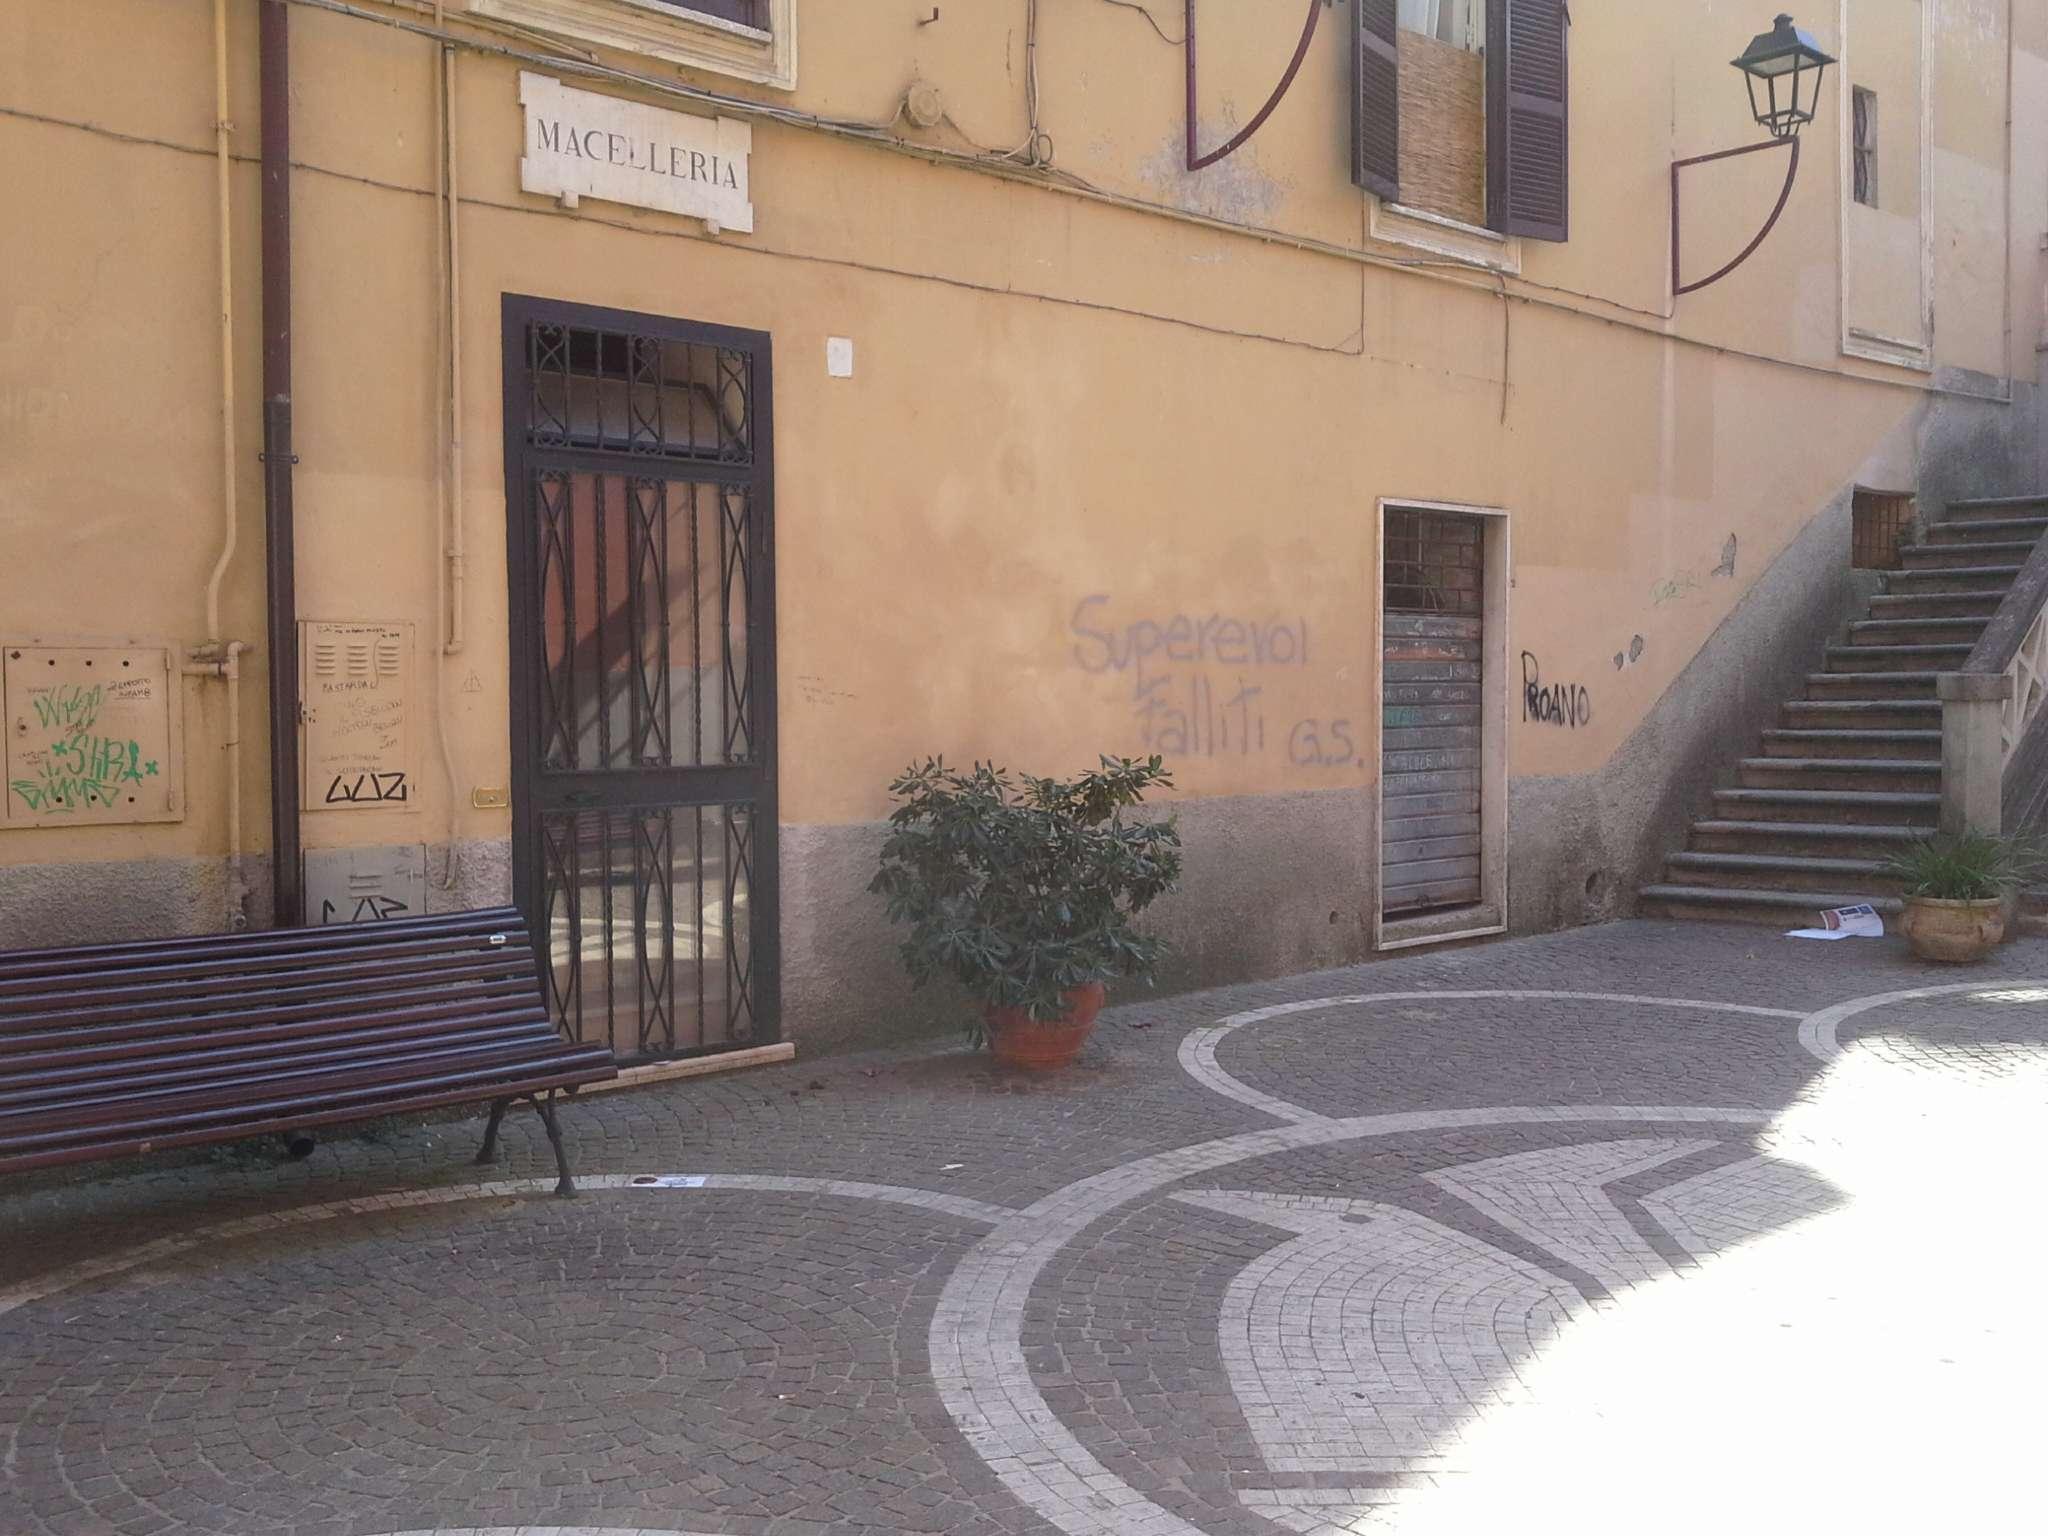 Negozio / Locale in vendita a Frosinone, 1 locali, prezzo € 30.000 | CambioCasa.it